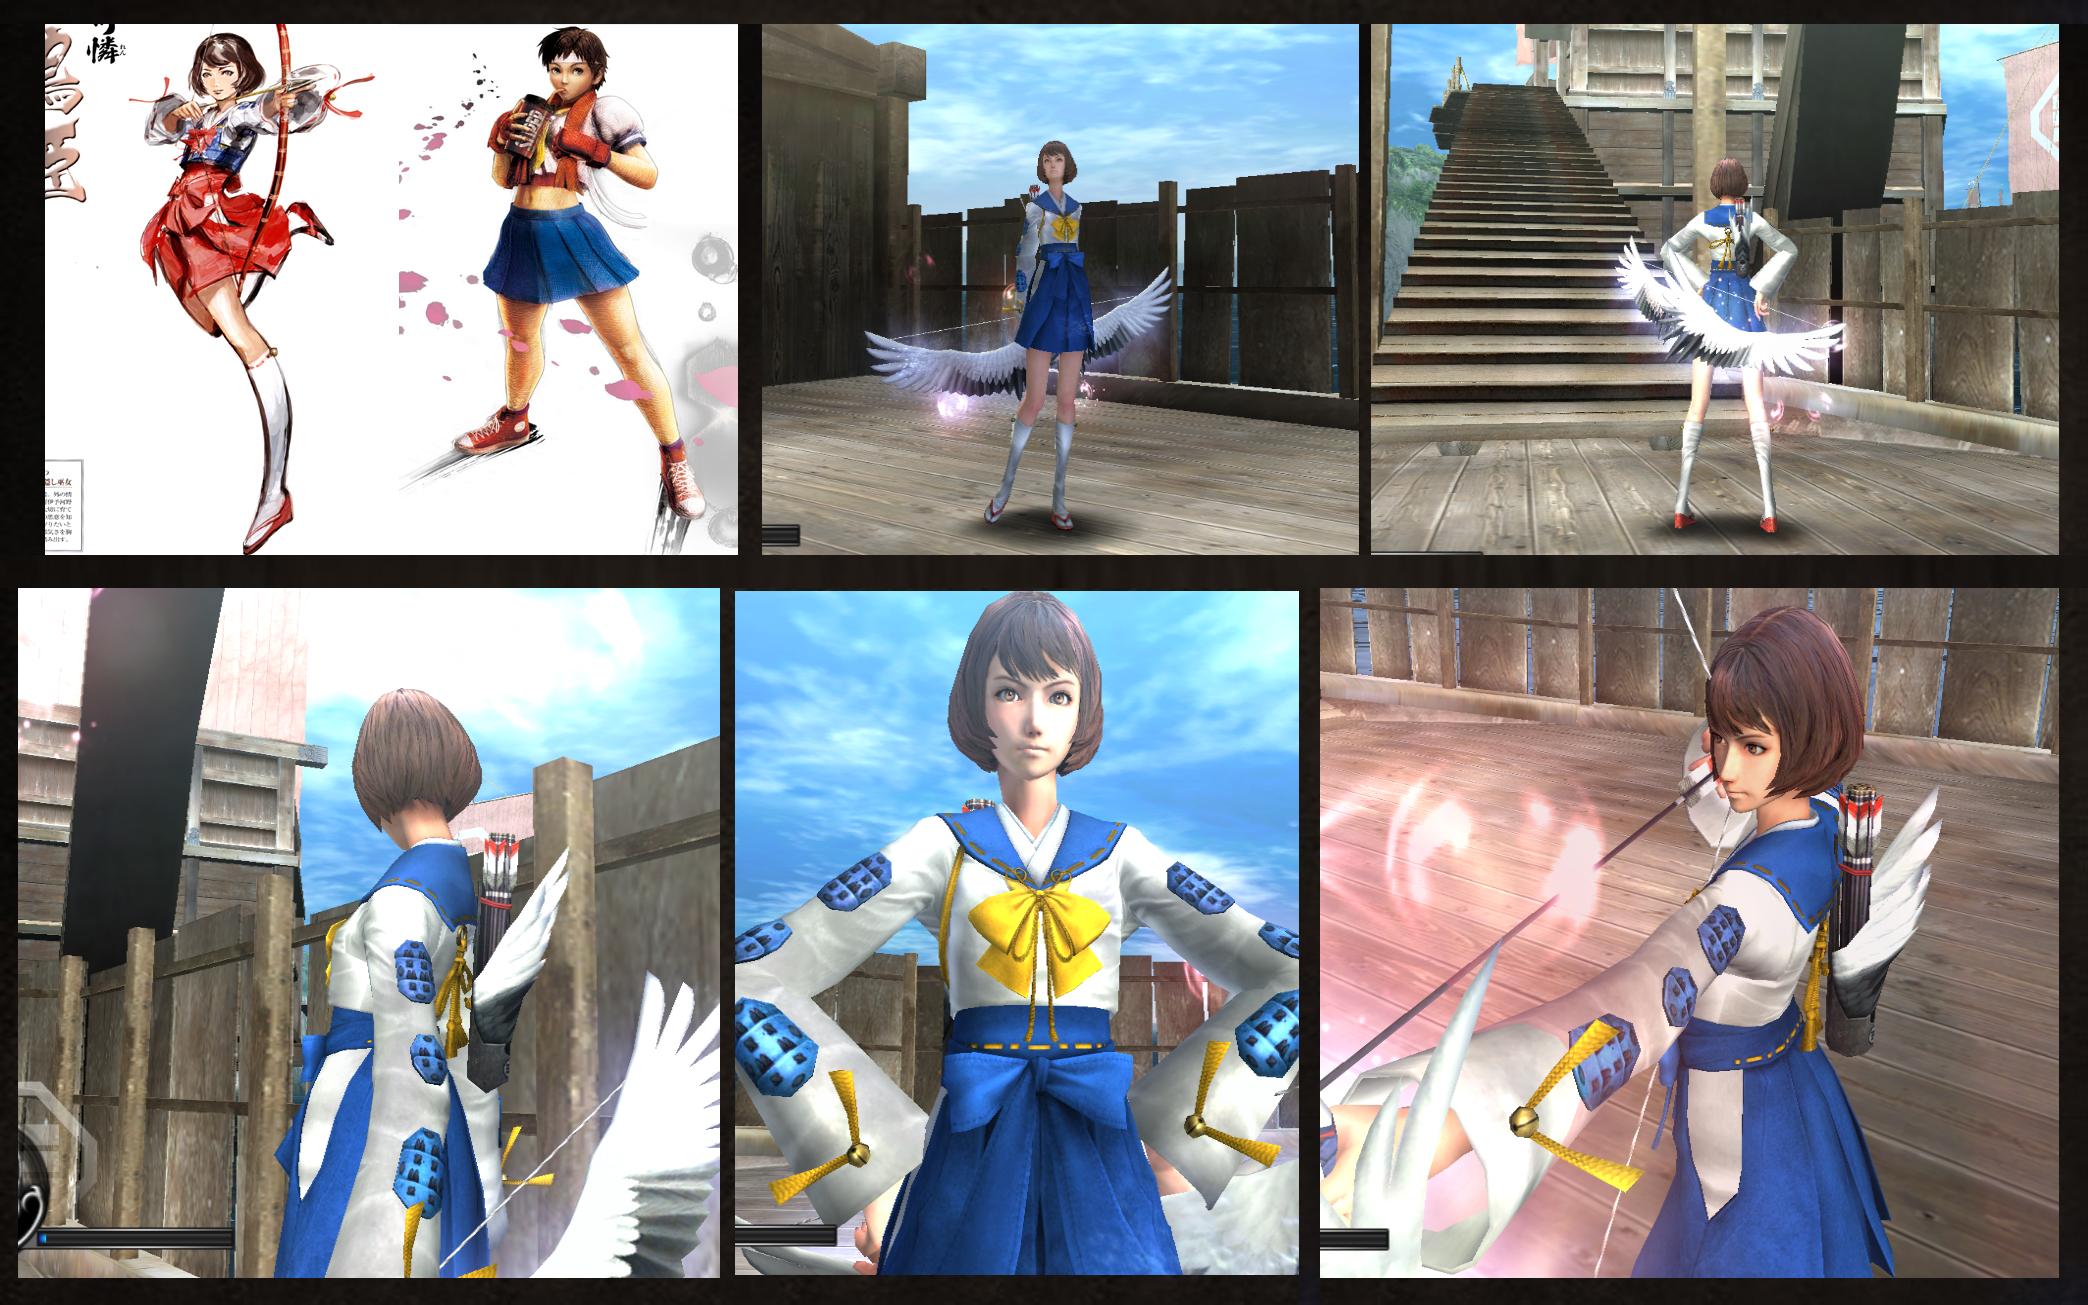 Trajes un tanto diferentes para los juegos de SB [Wii] Sb3_utage_tsurhime_with_sakura_costume_by_monkeygigabuster-d4rt3uo